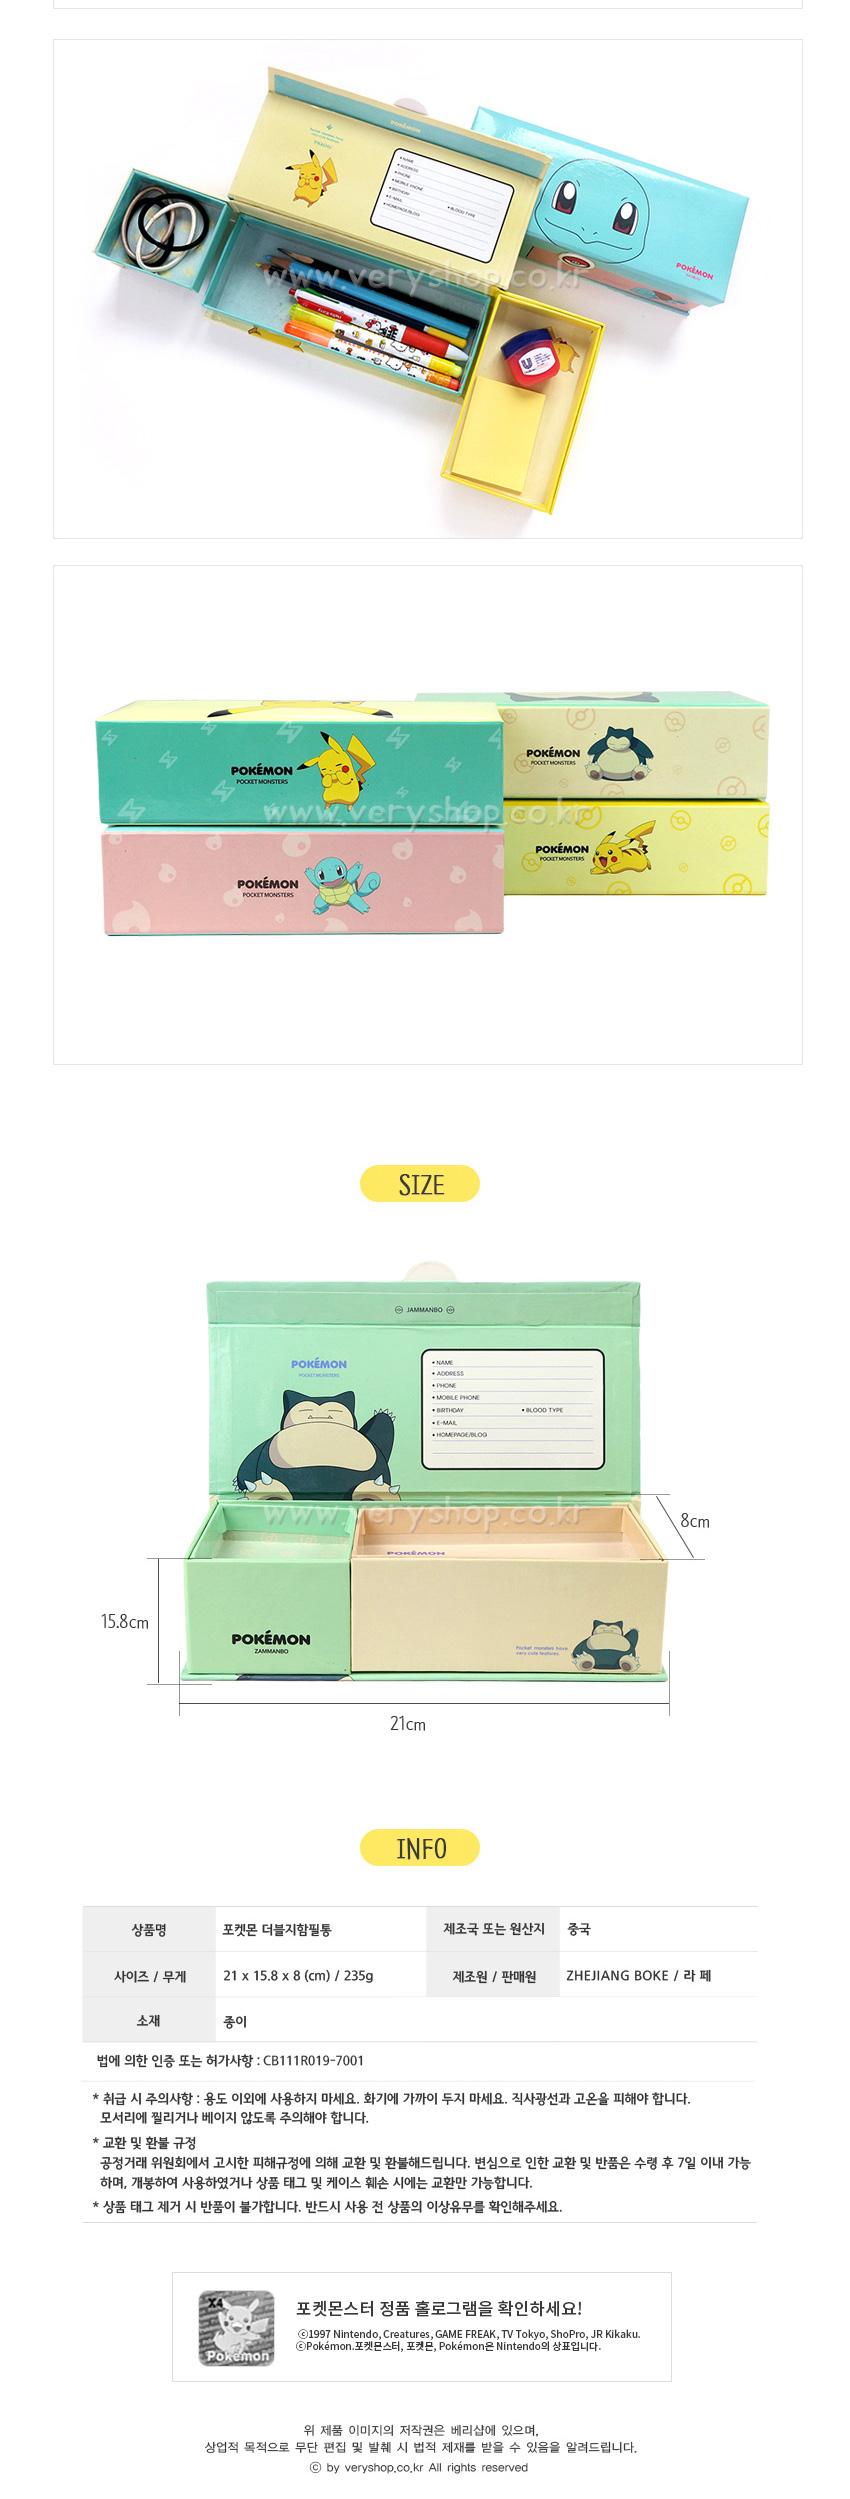 포켓몬 더블 지함 필통 - 베리샵, 5,000원, 지함/우드필통, 캐릭터